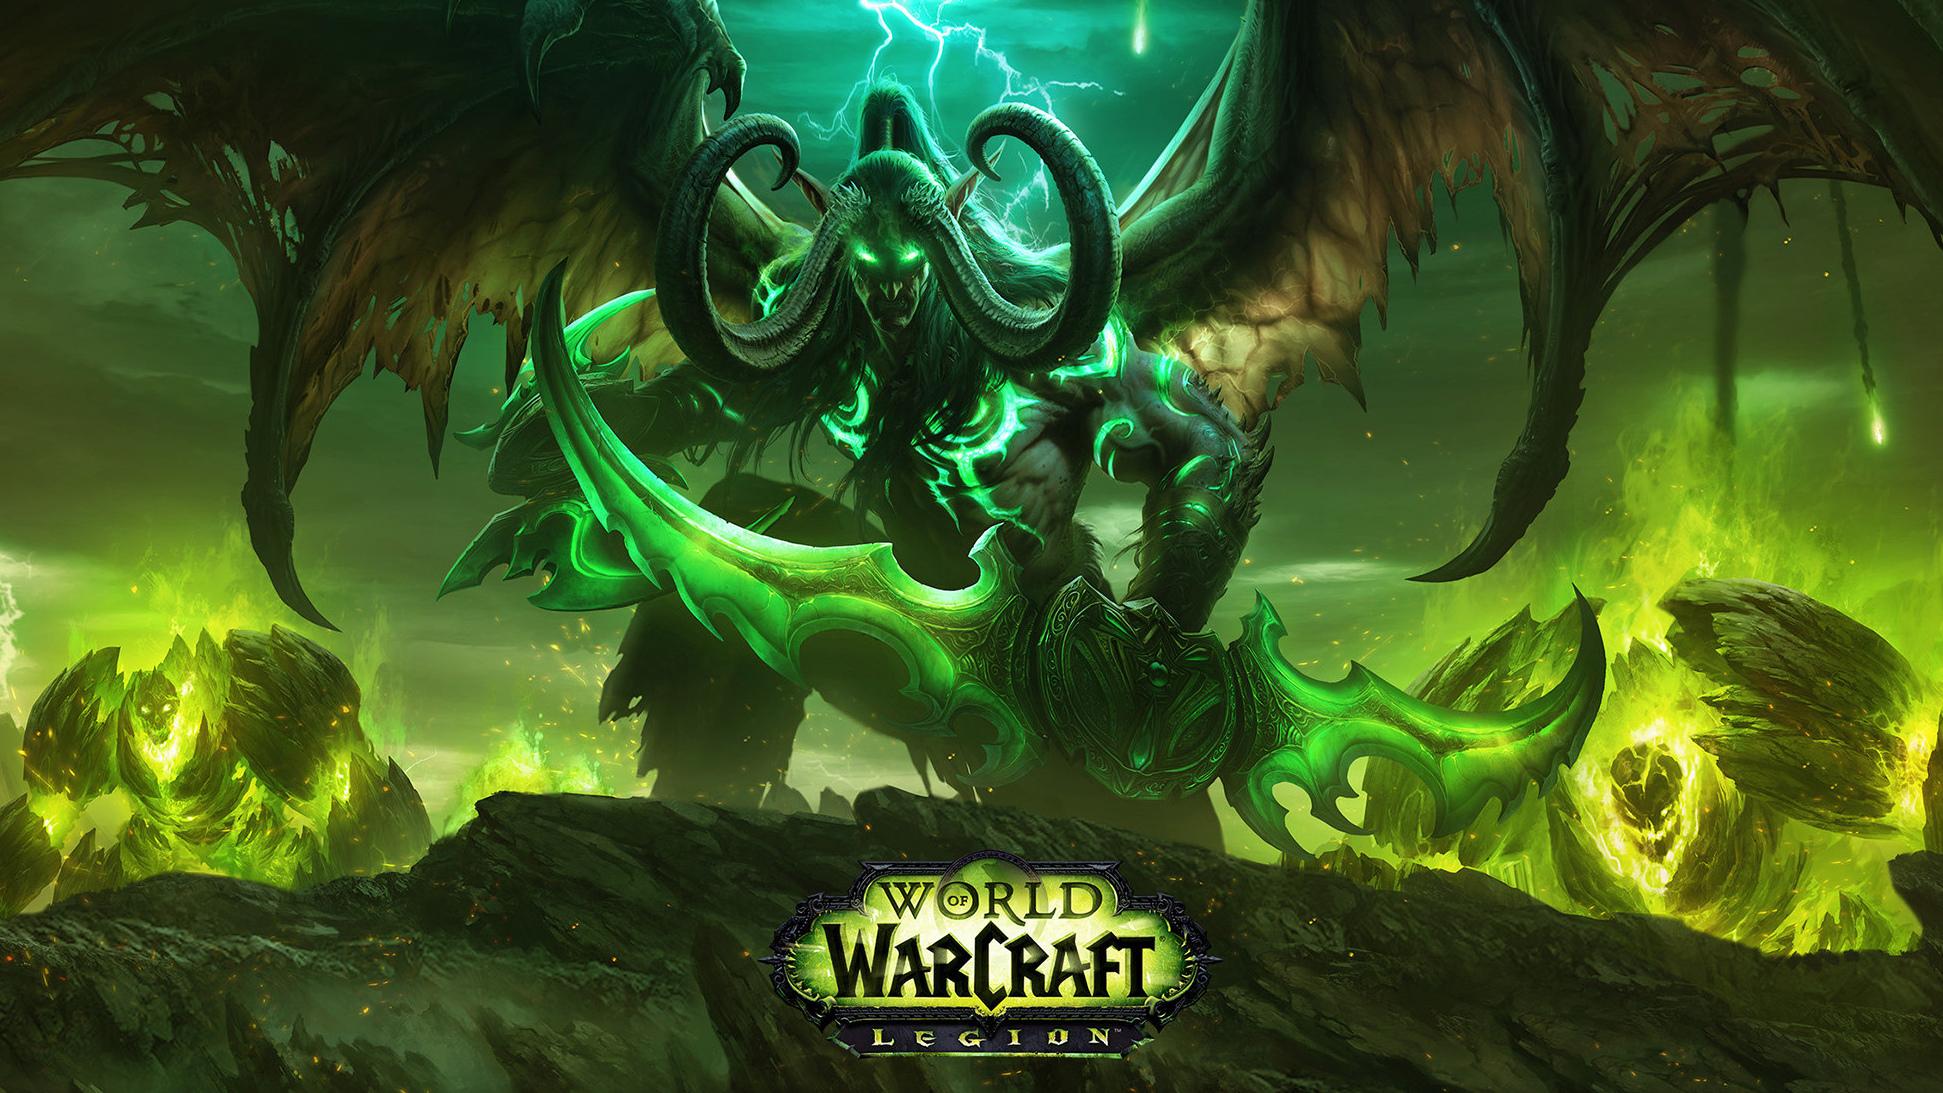 world of warcraft legion indir download